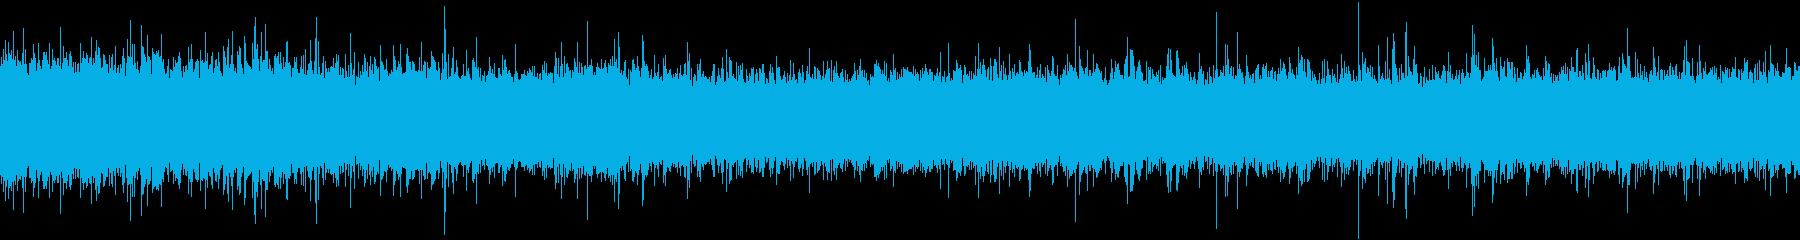 【ループ再生用】雨・土砂降り・生録の再生済みの波形